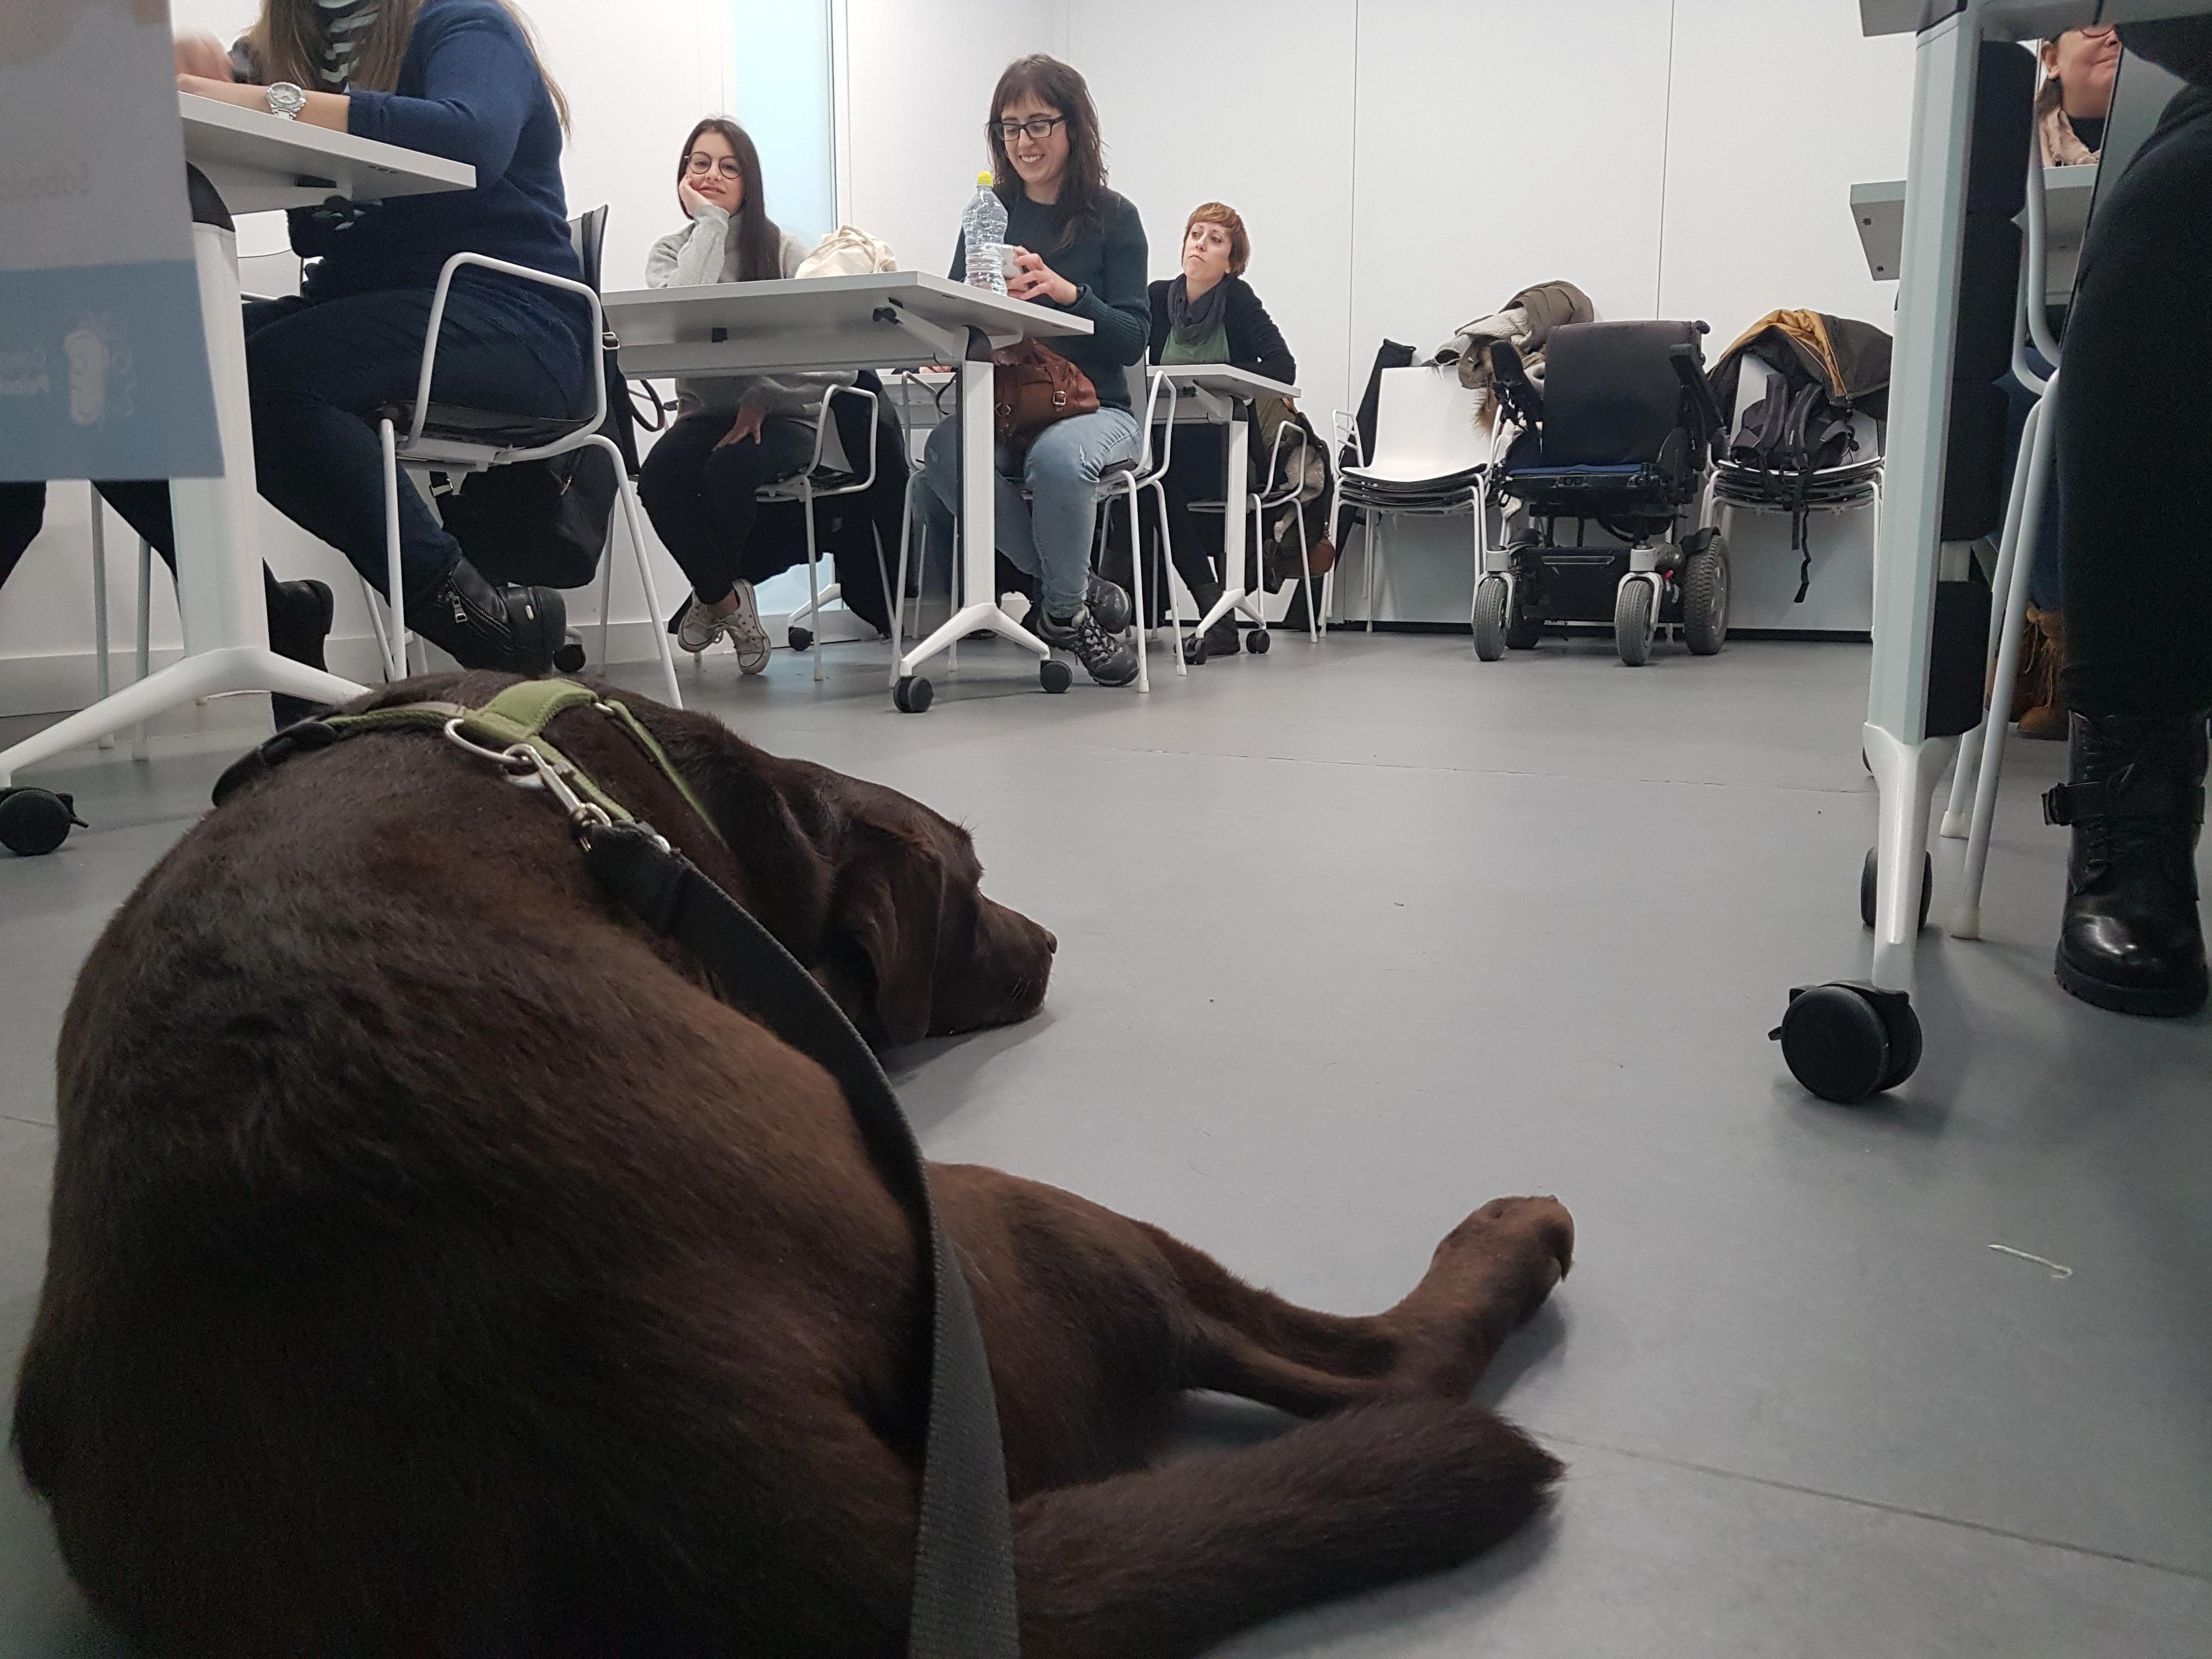 Salsa tumbada en clase